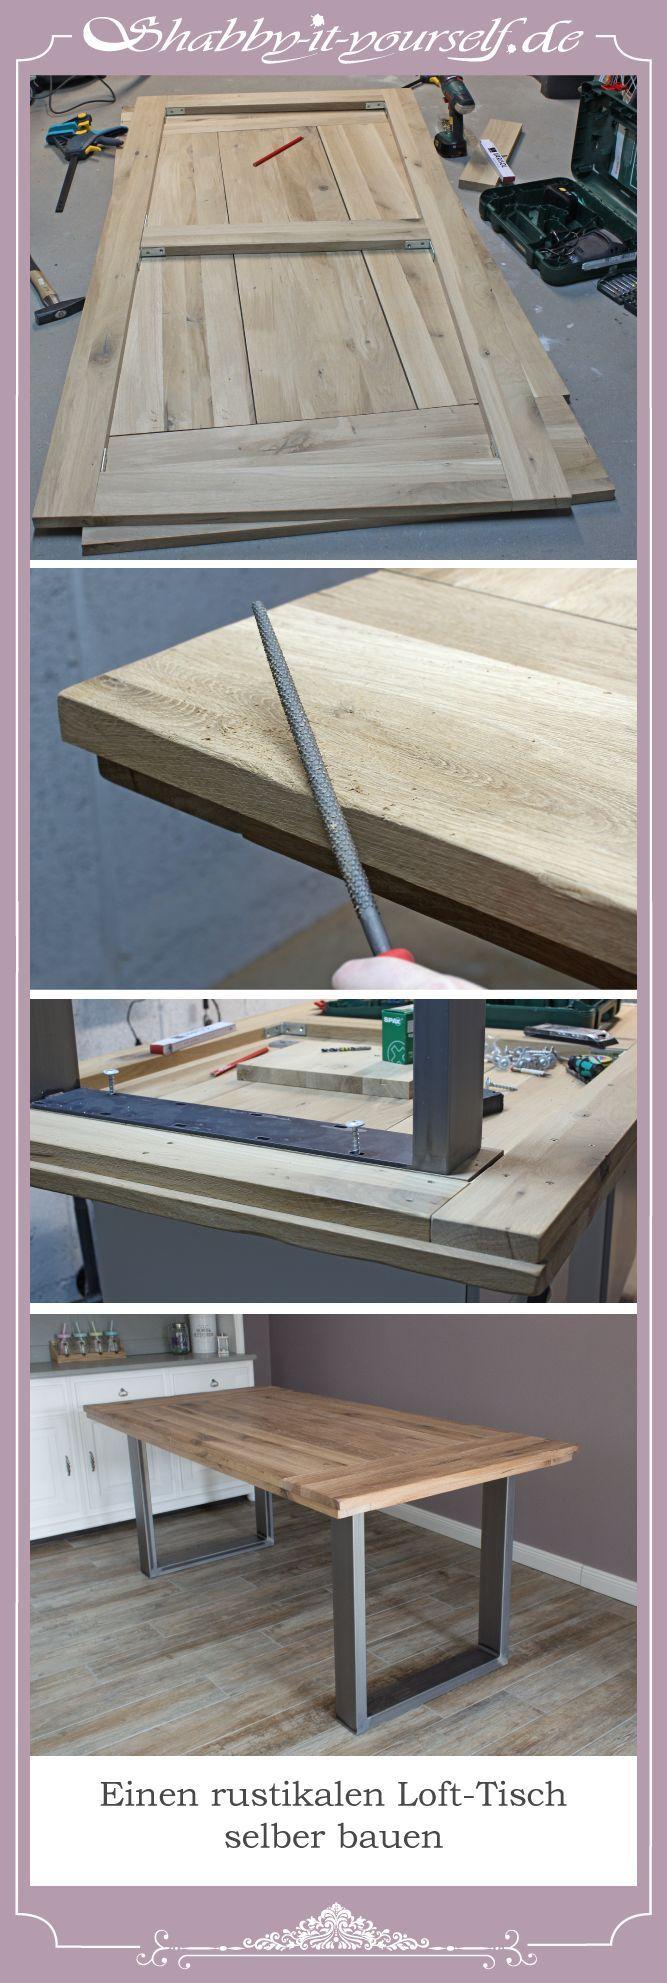 Einen rustikalen Loft-Tisch selber bauen – So geht's